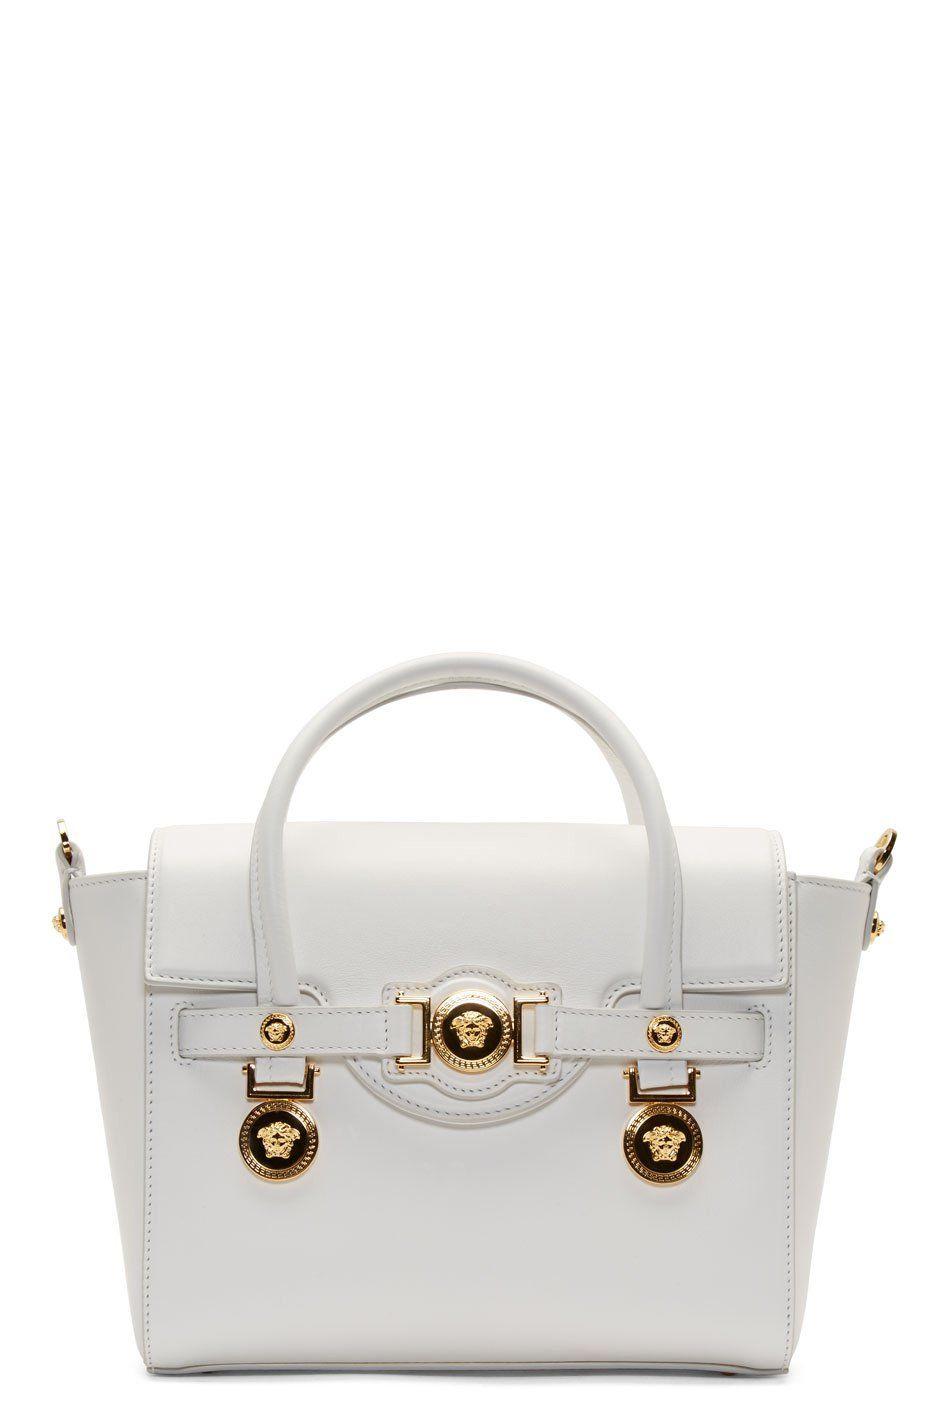 67a64ab500 Versace Purses - Handbags - Satchels - Clutches - Totes - Bags ...